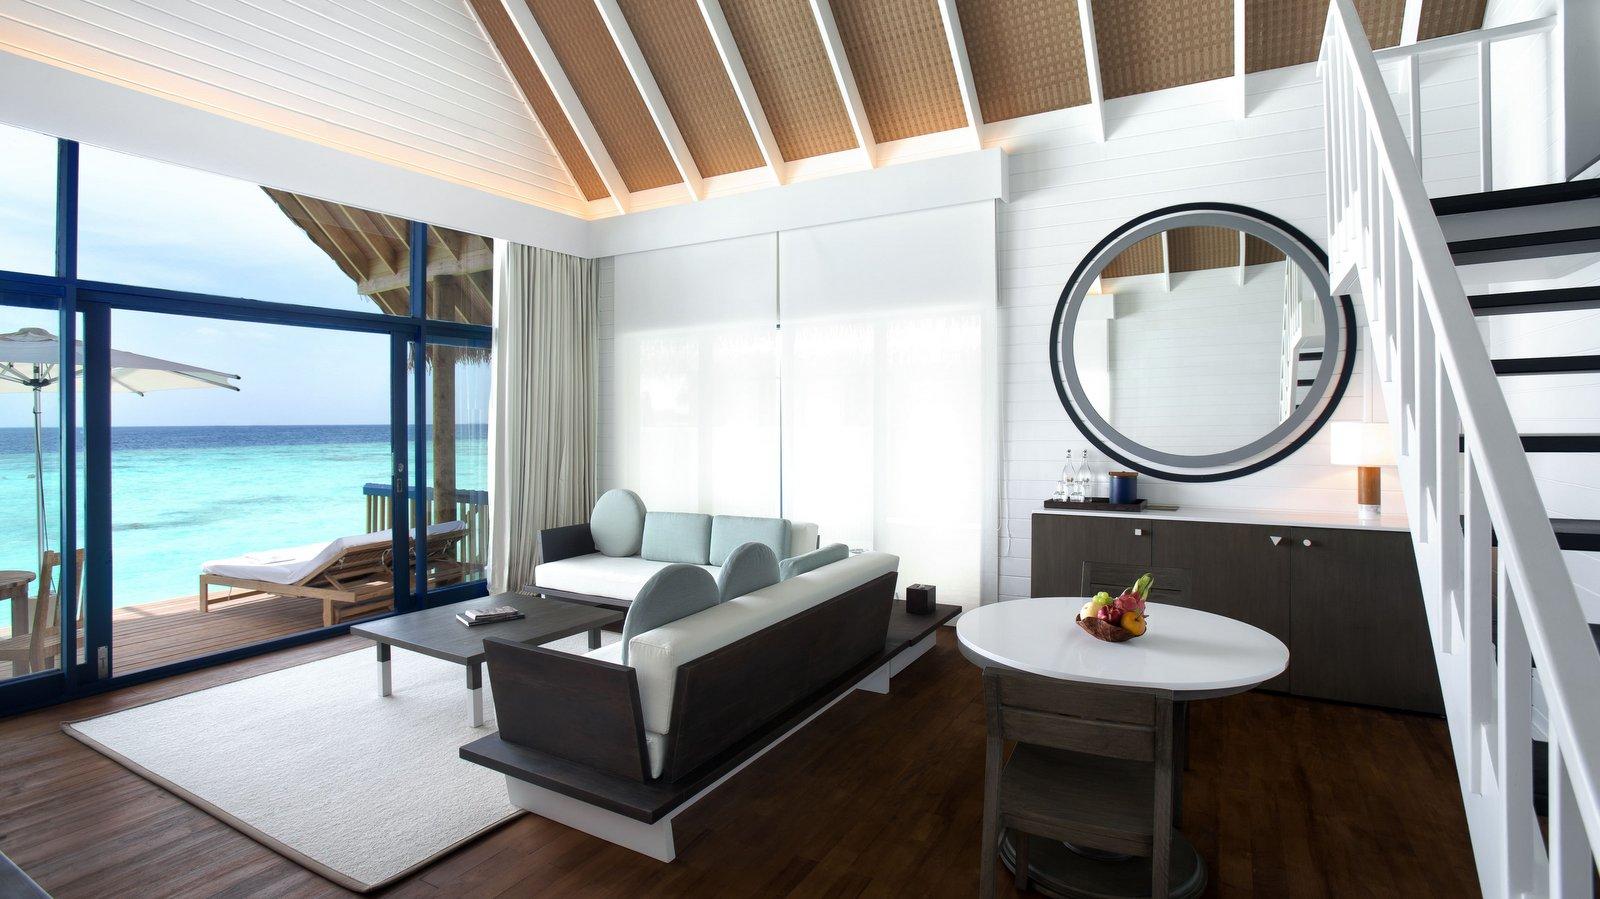 Мальдивы, Отель COMO Cocoa Island, номер Dhoni Loft Water Villa